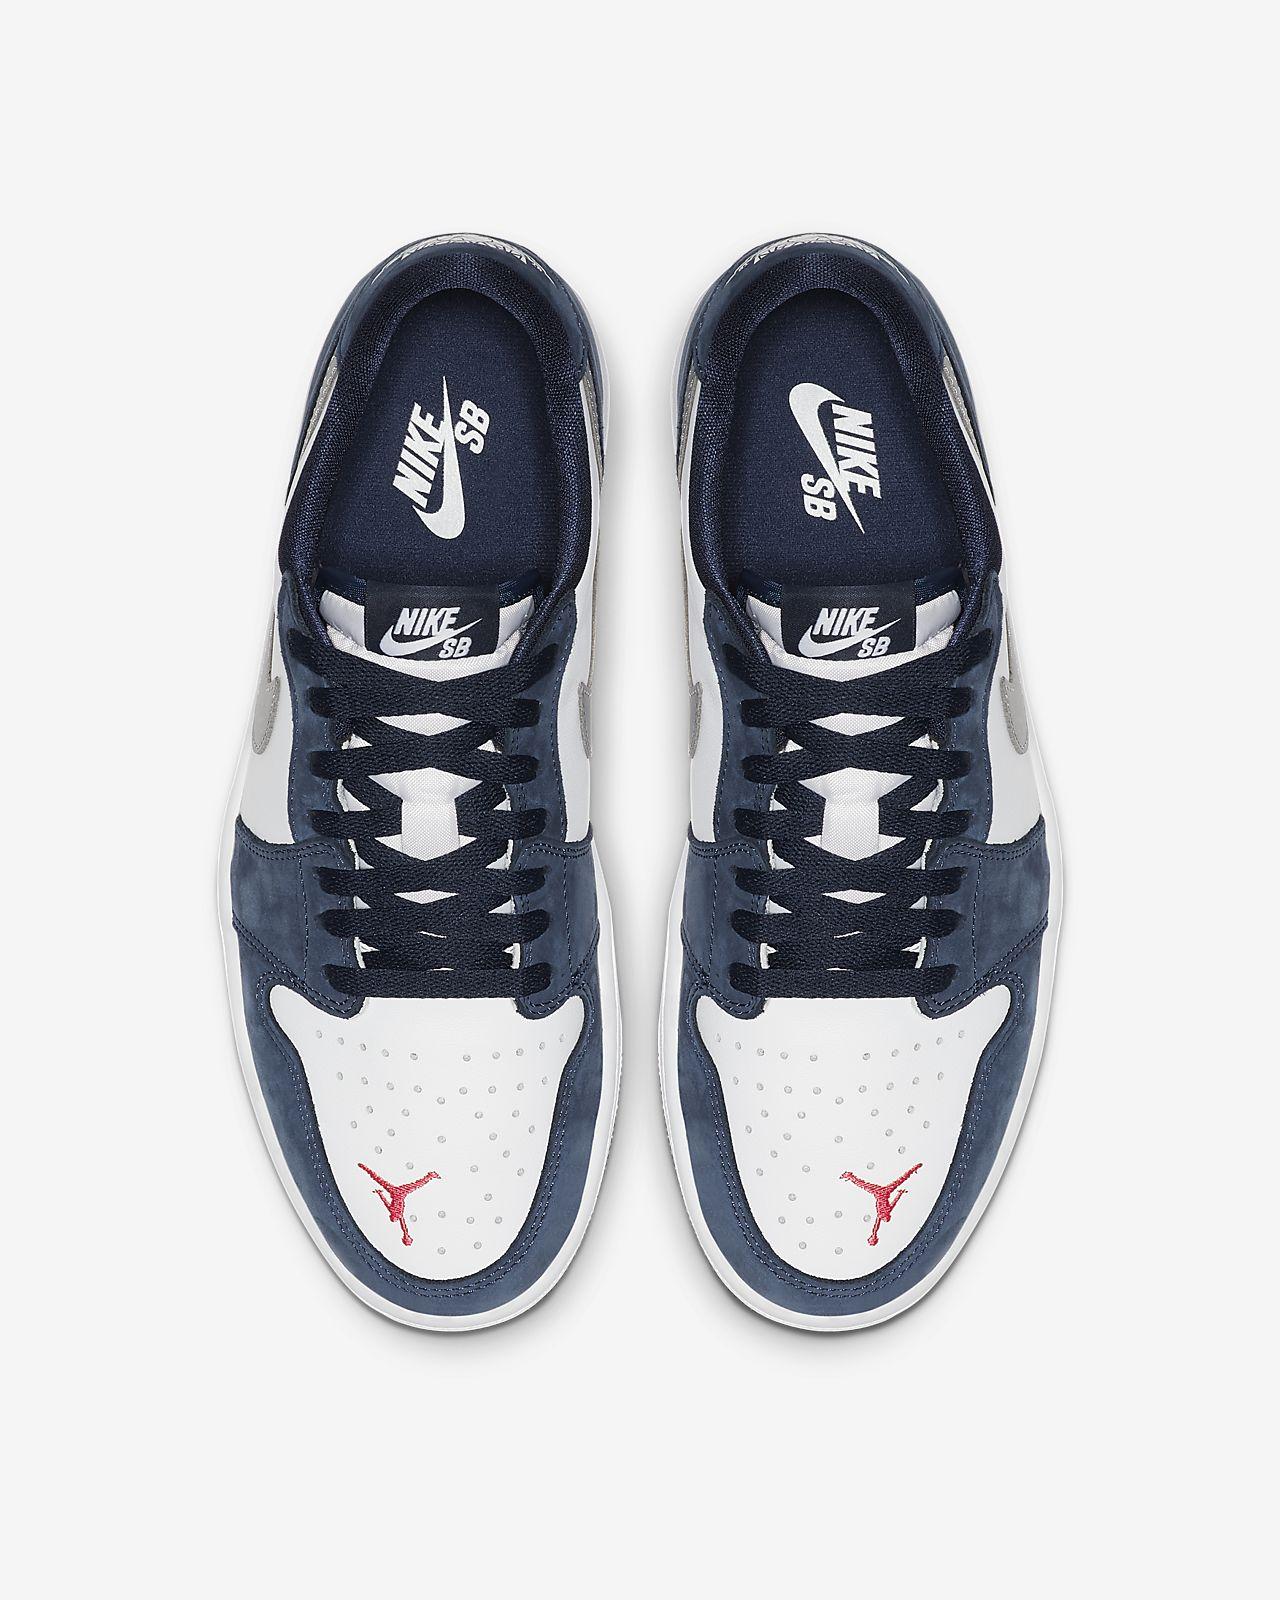 a0fe3efd61 Nike SB Air Jordan 1 Low Skate Shoe